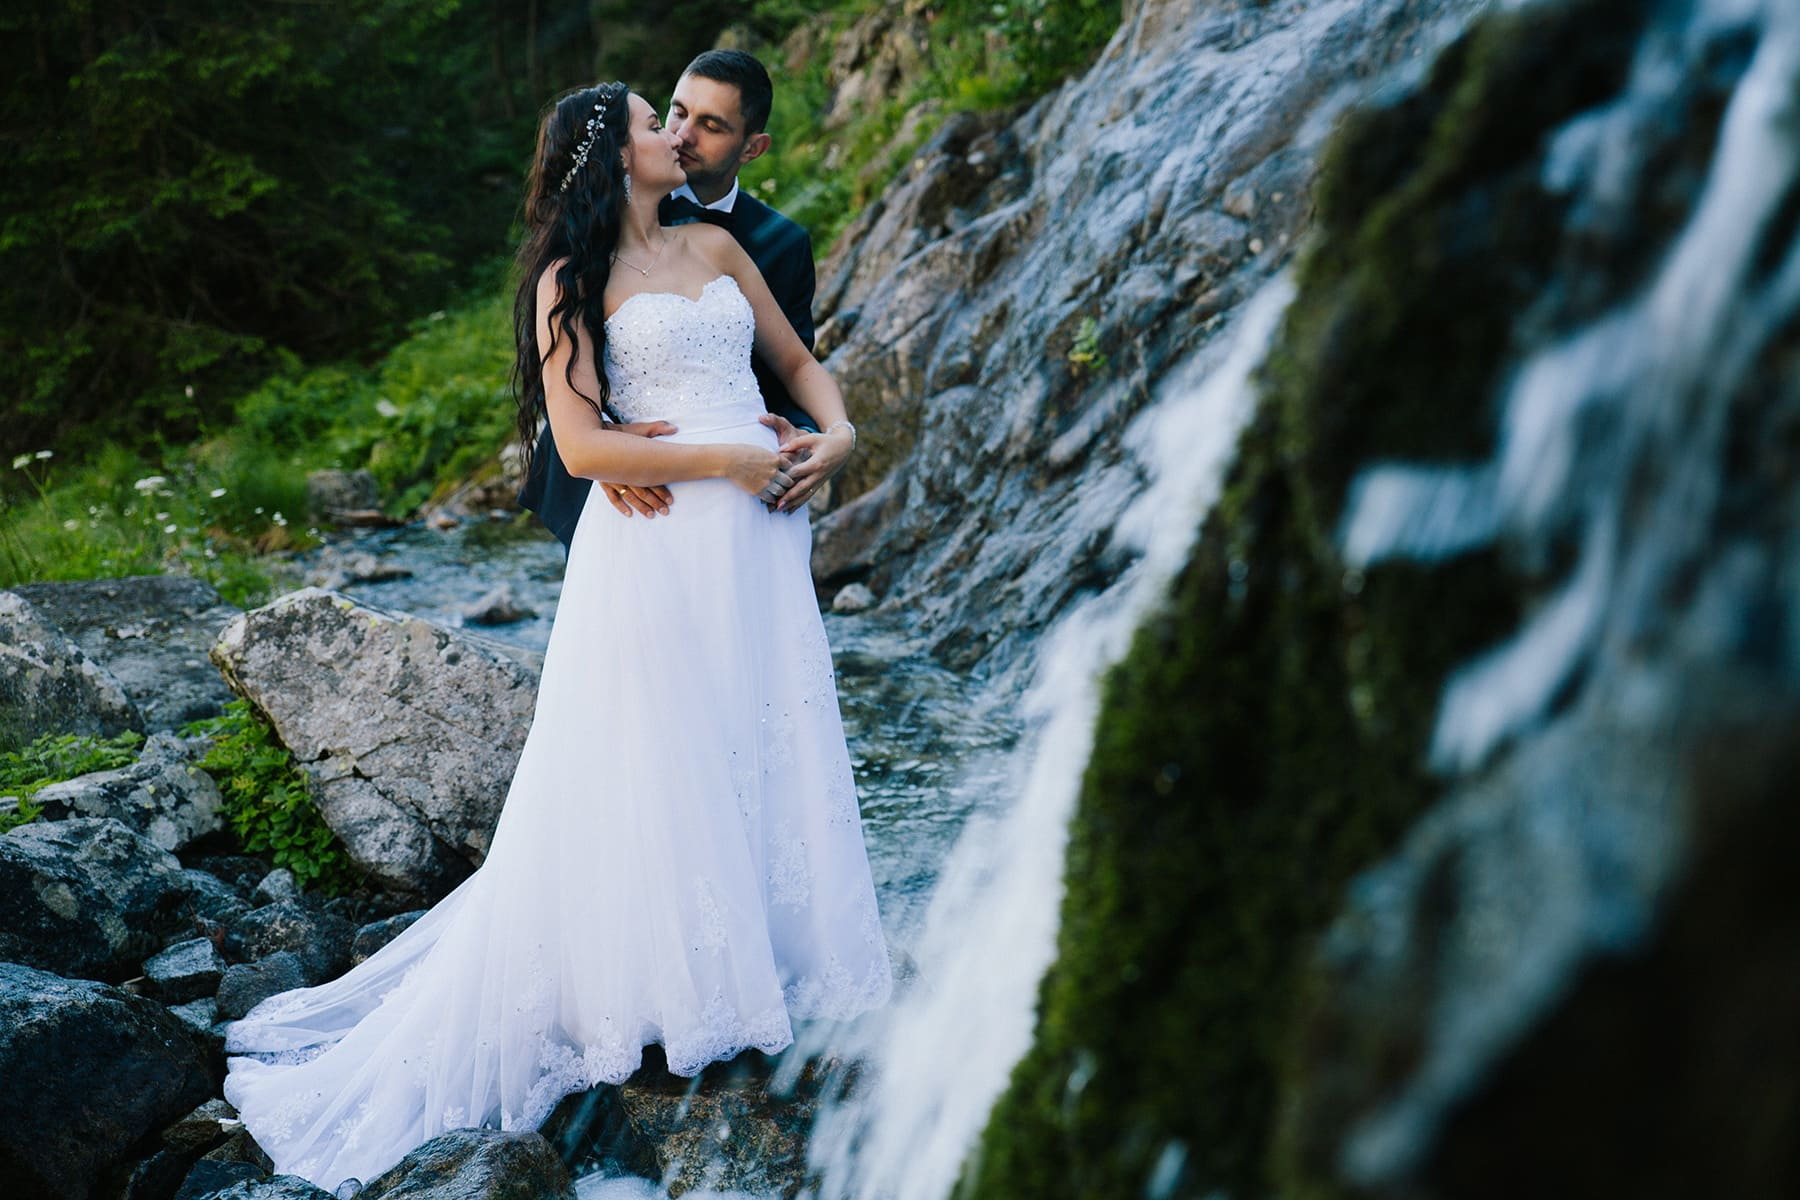 para młoda przytula się do siebie, obok wodospadu